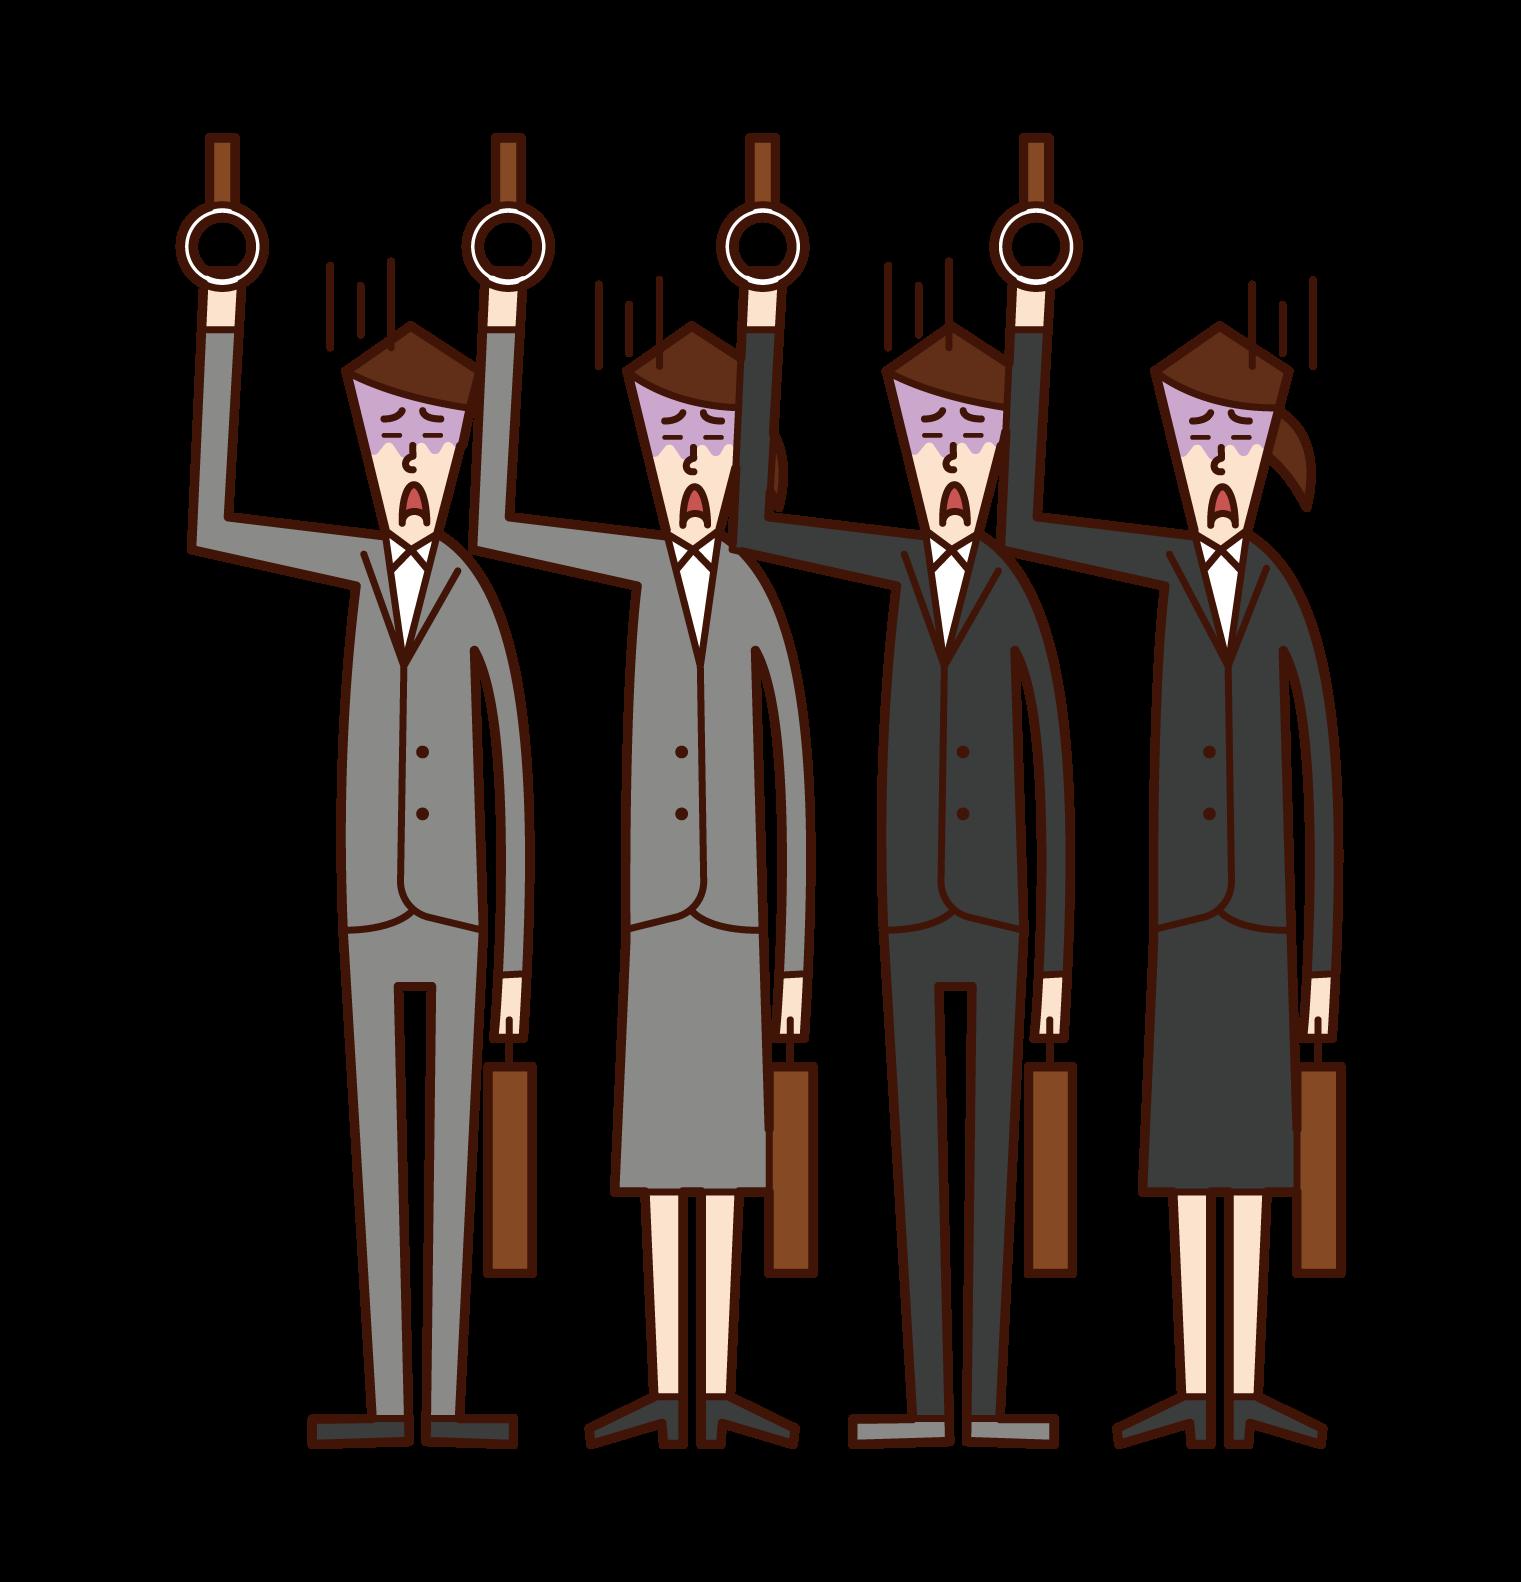 満員電車に乗る人たちのイラスト